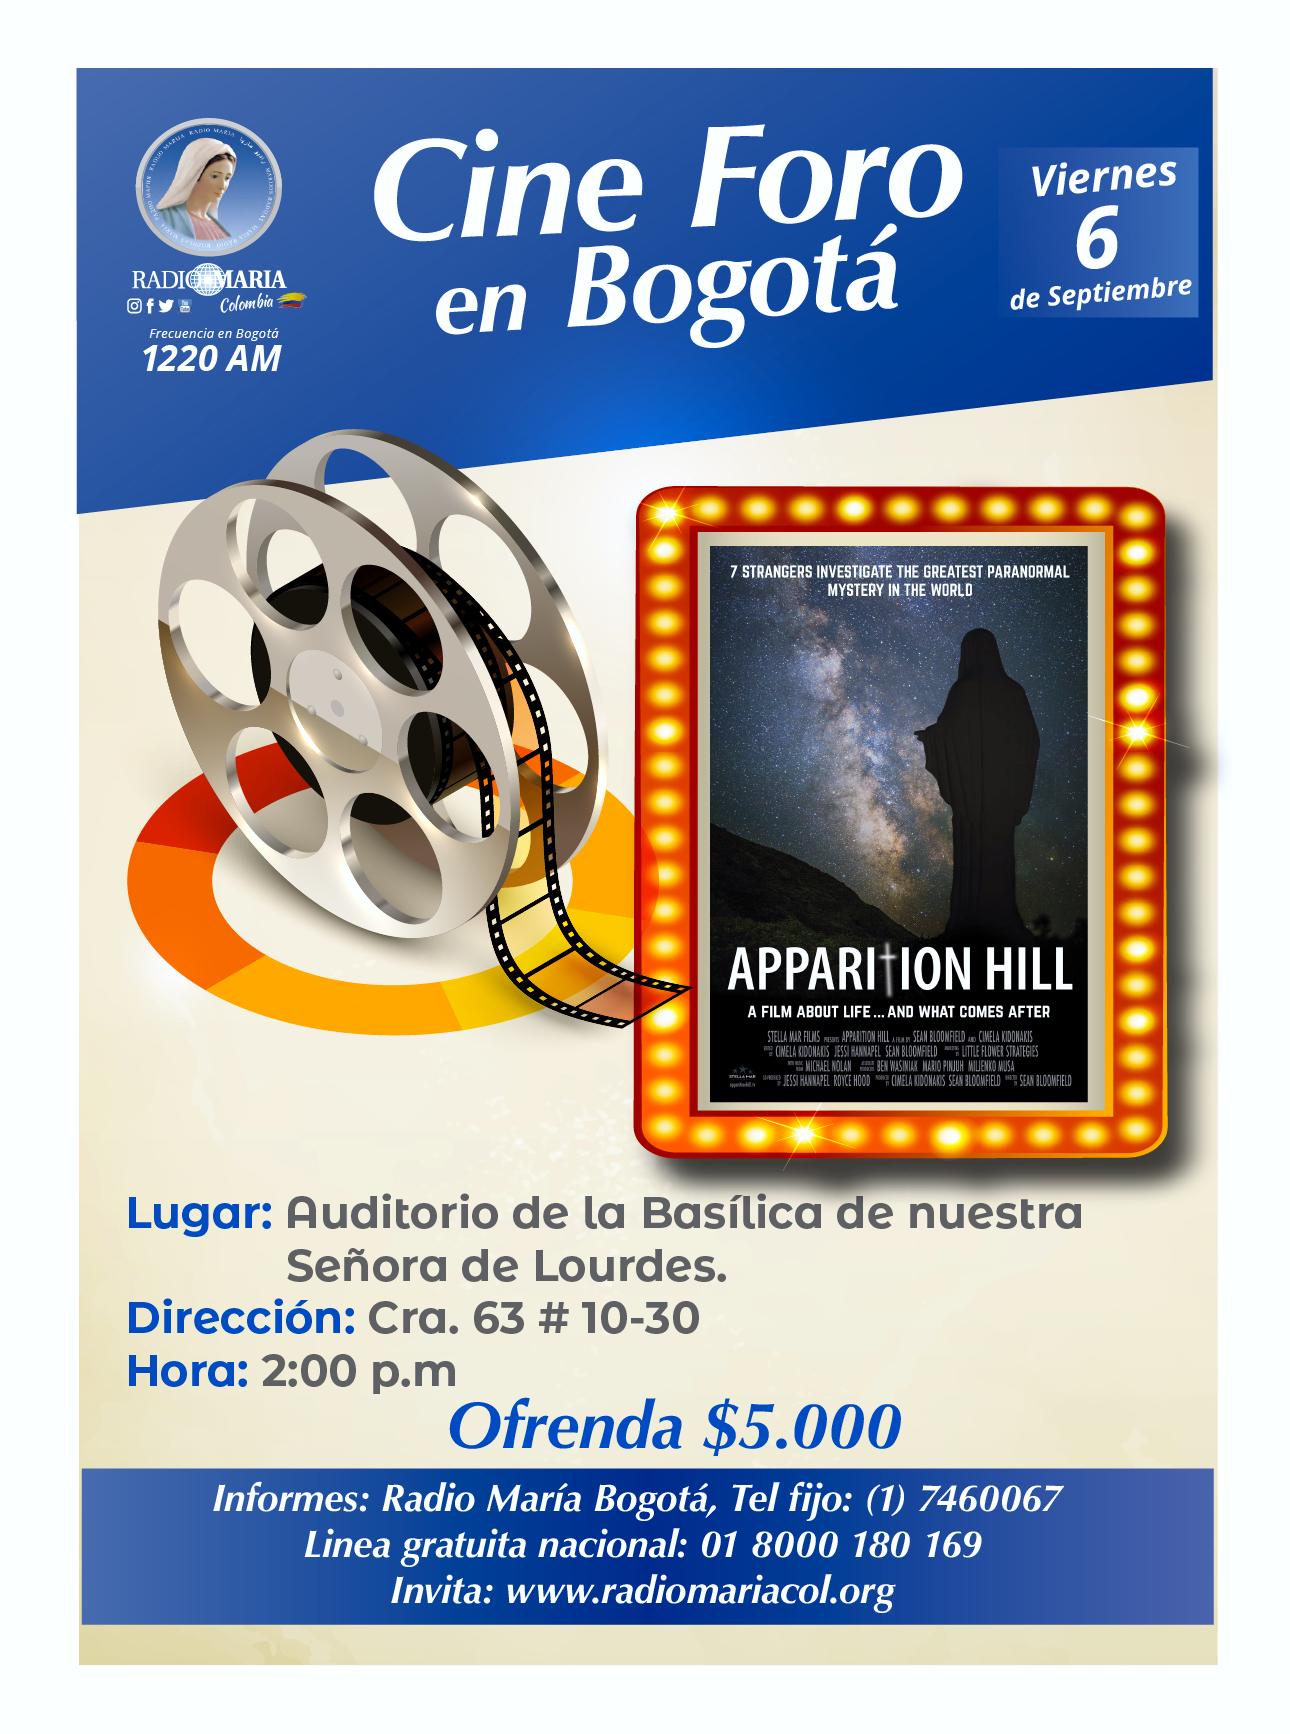 Cine foro en Bogotá 6 de septiembre